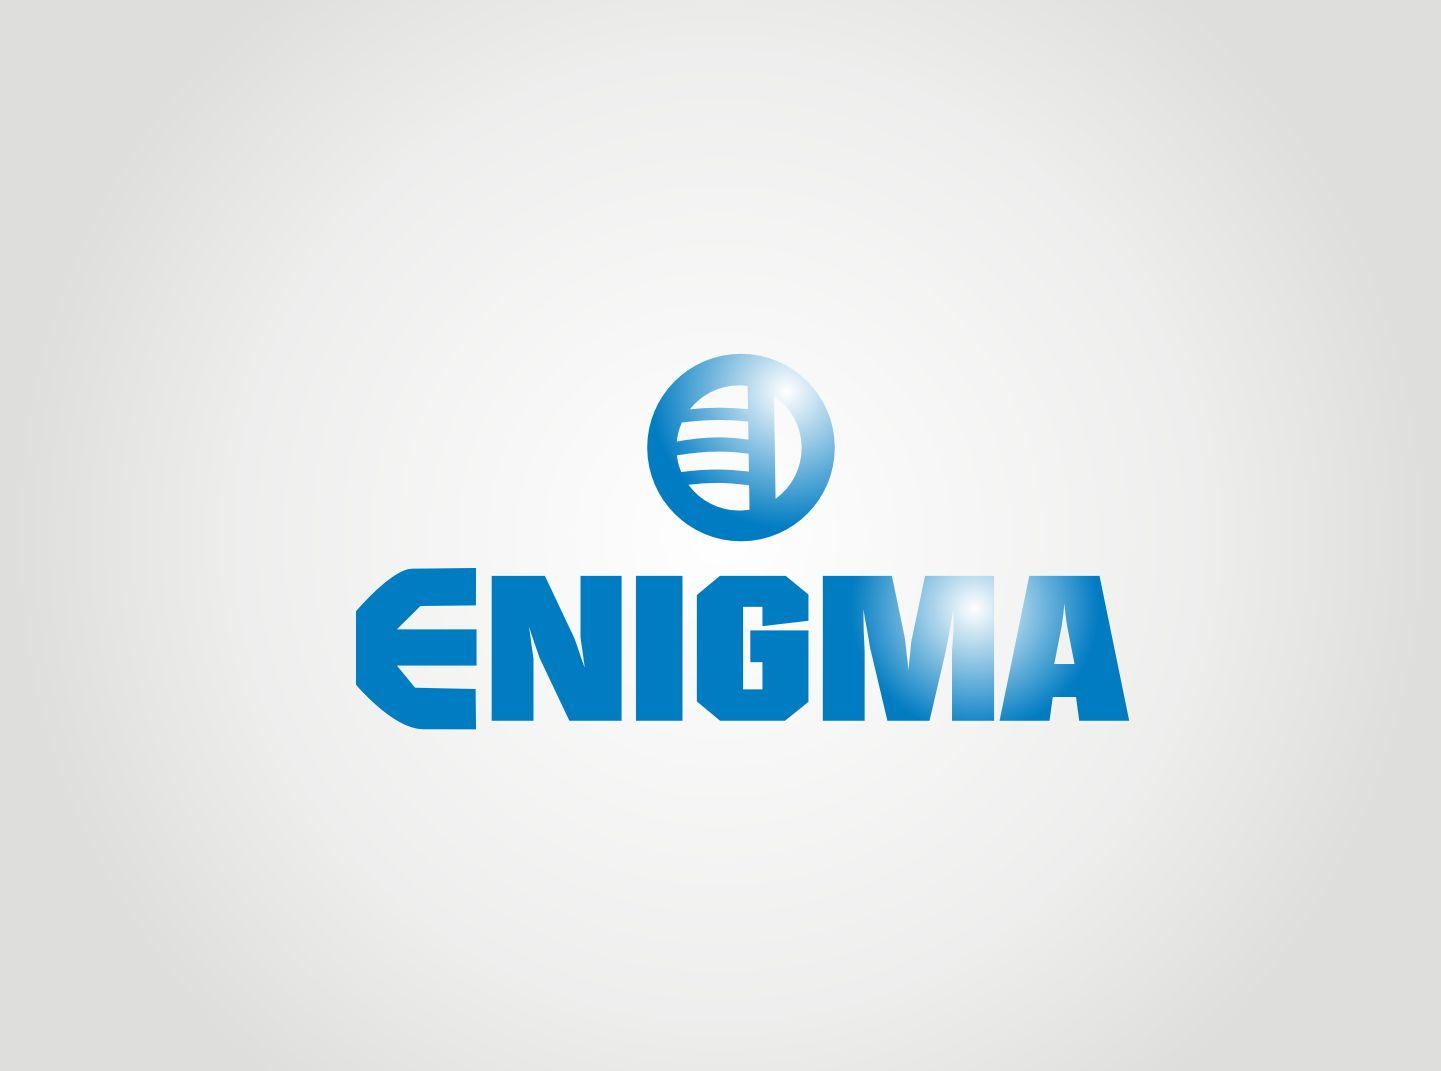 Логотип и фирмстиль для Enigma - дизайнер samneu